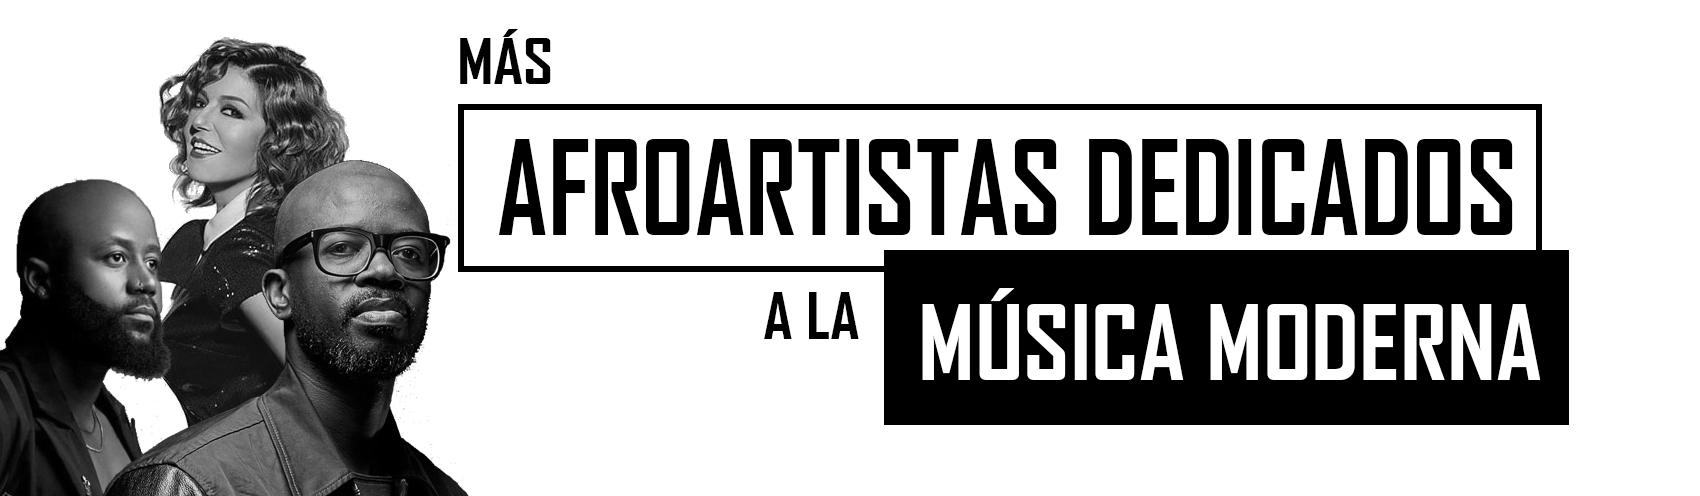 afroartistas musica moderna